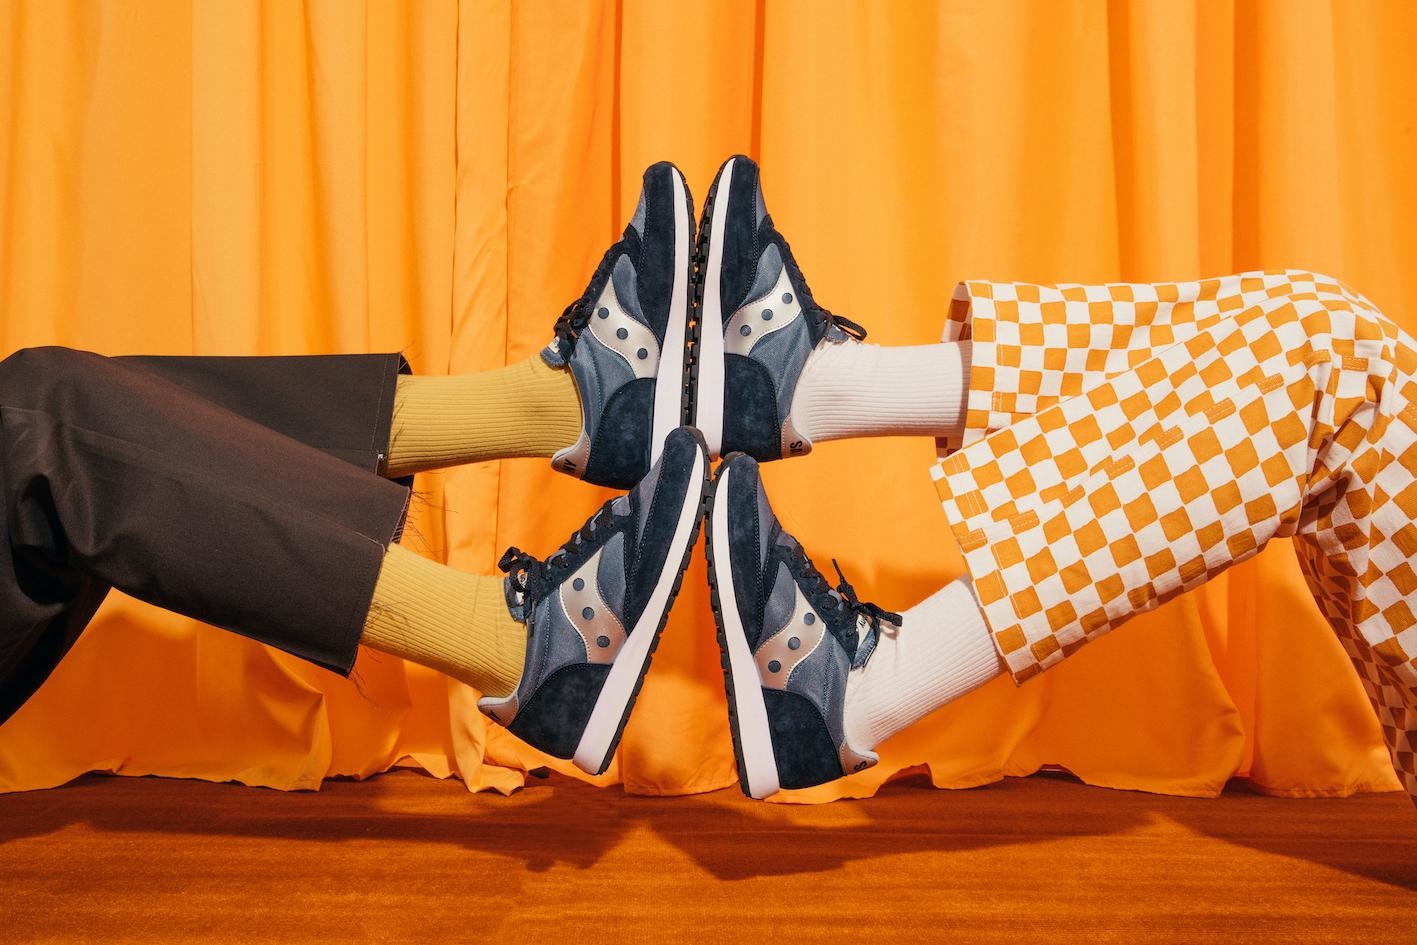 scarpette saucony scarpe sneakers